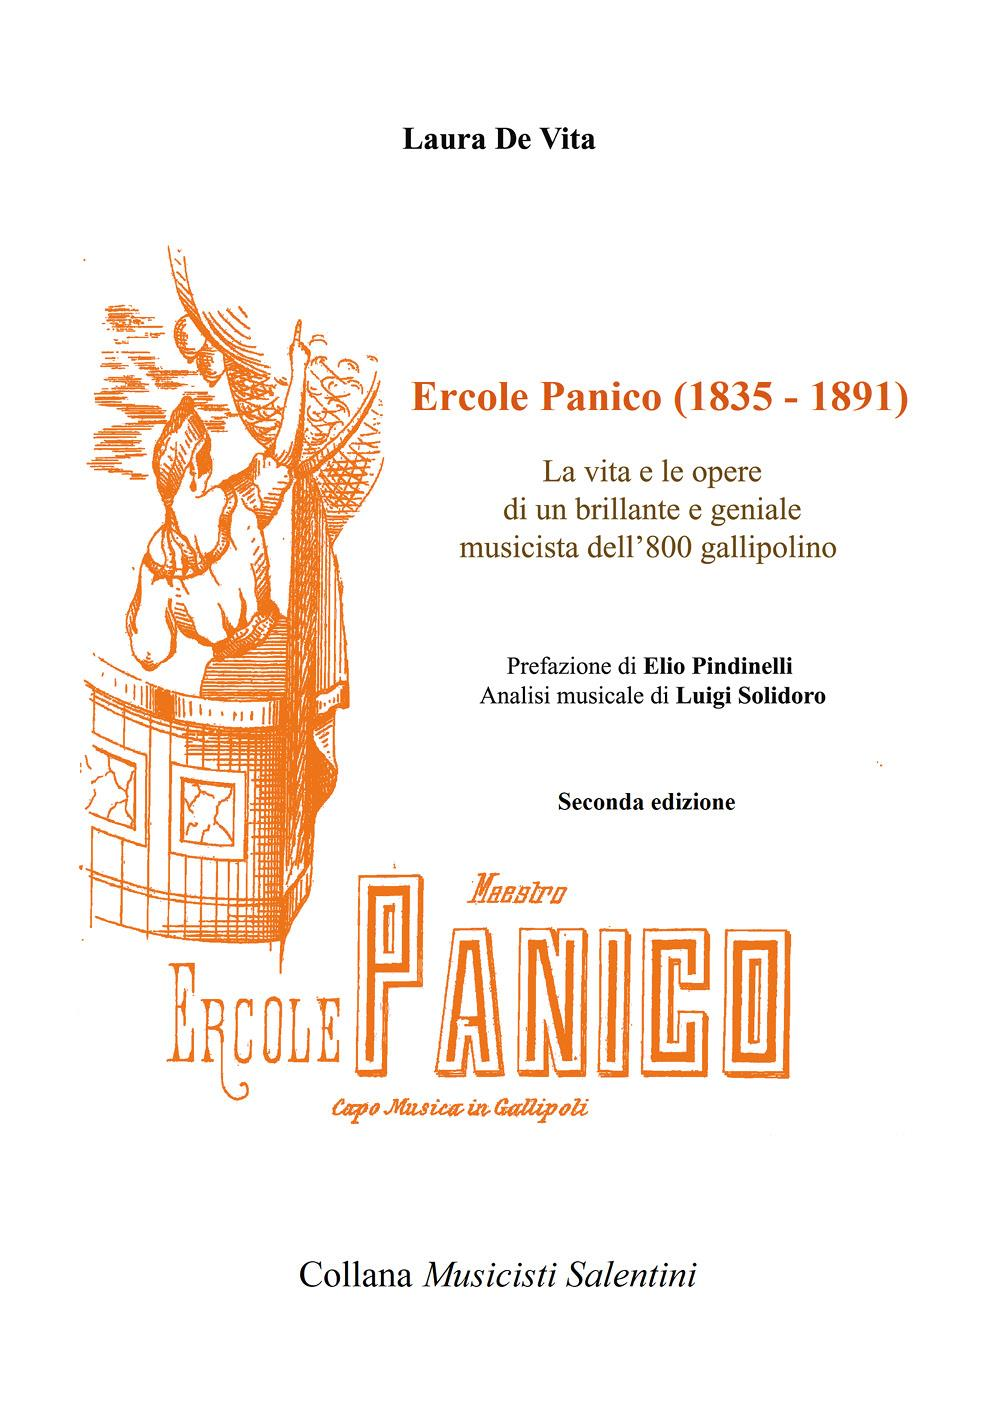 Ercole Panico (1835 - 1891). La vita e le opere di un brillante e geniale musicista dell'800 gallipolino